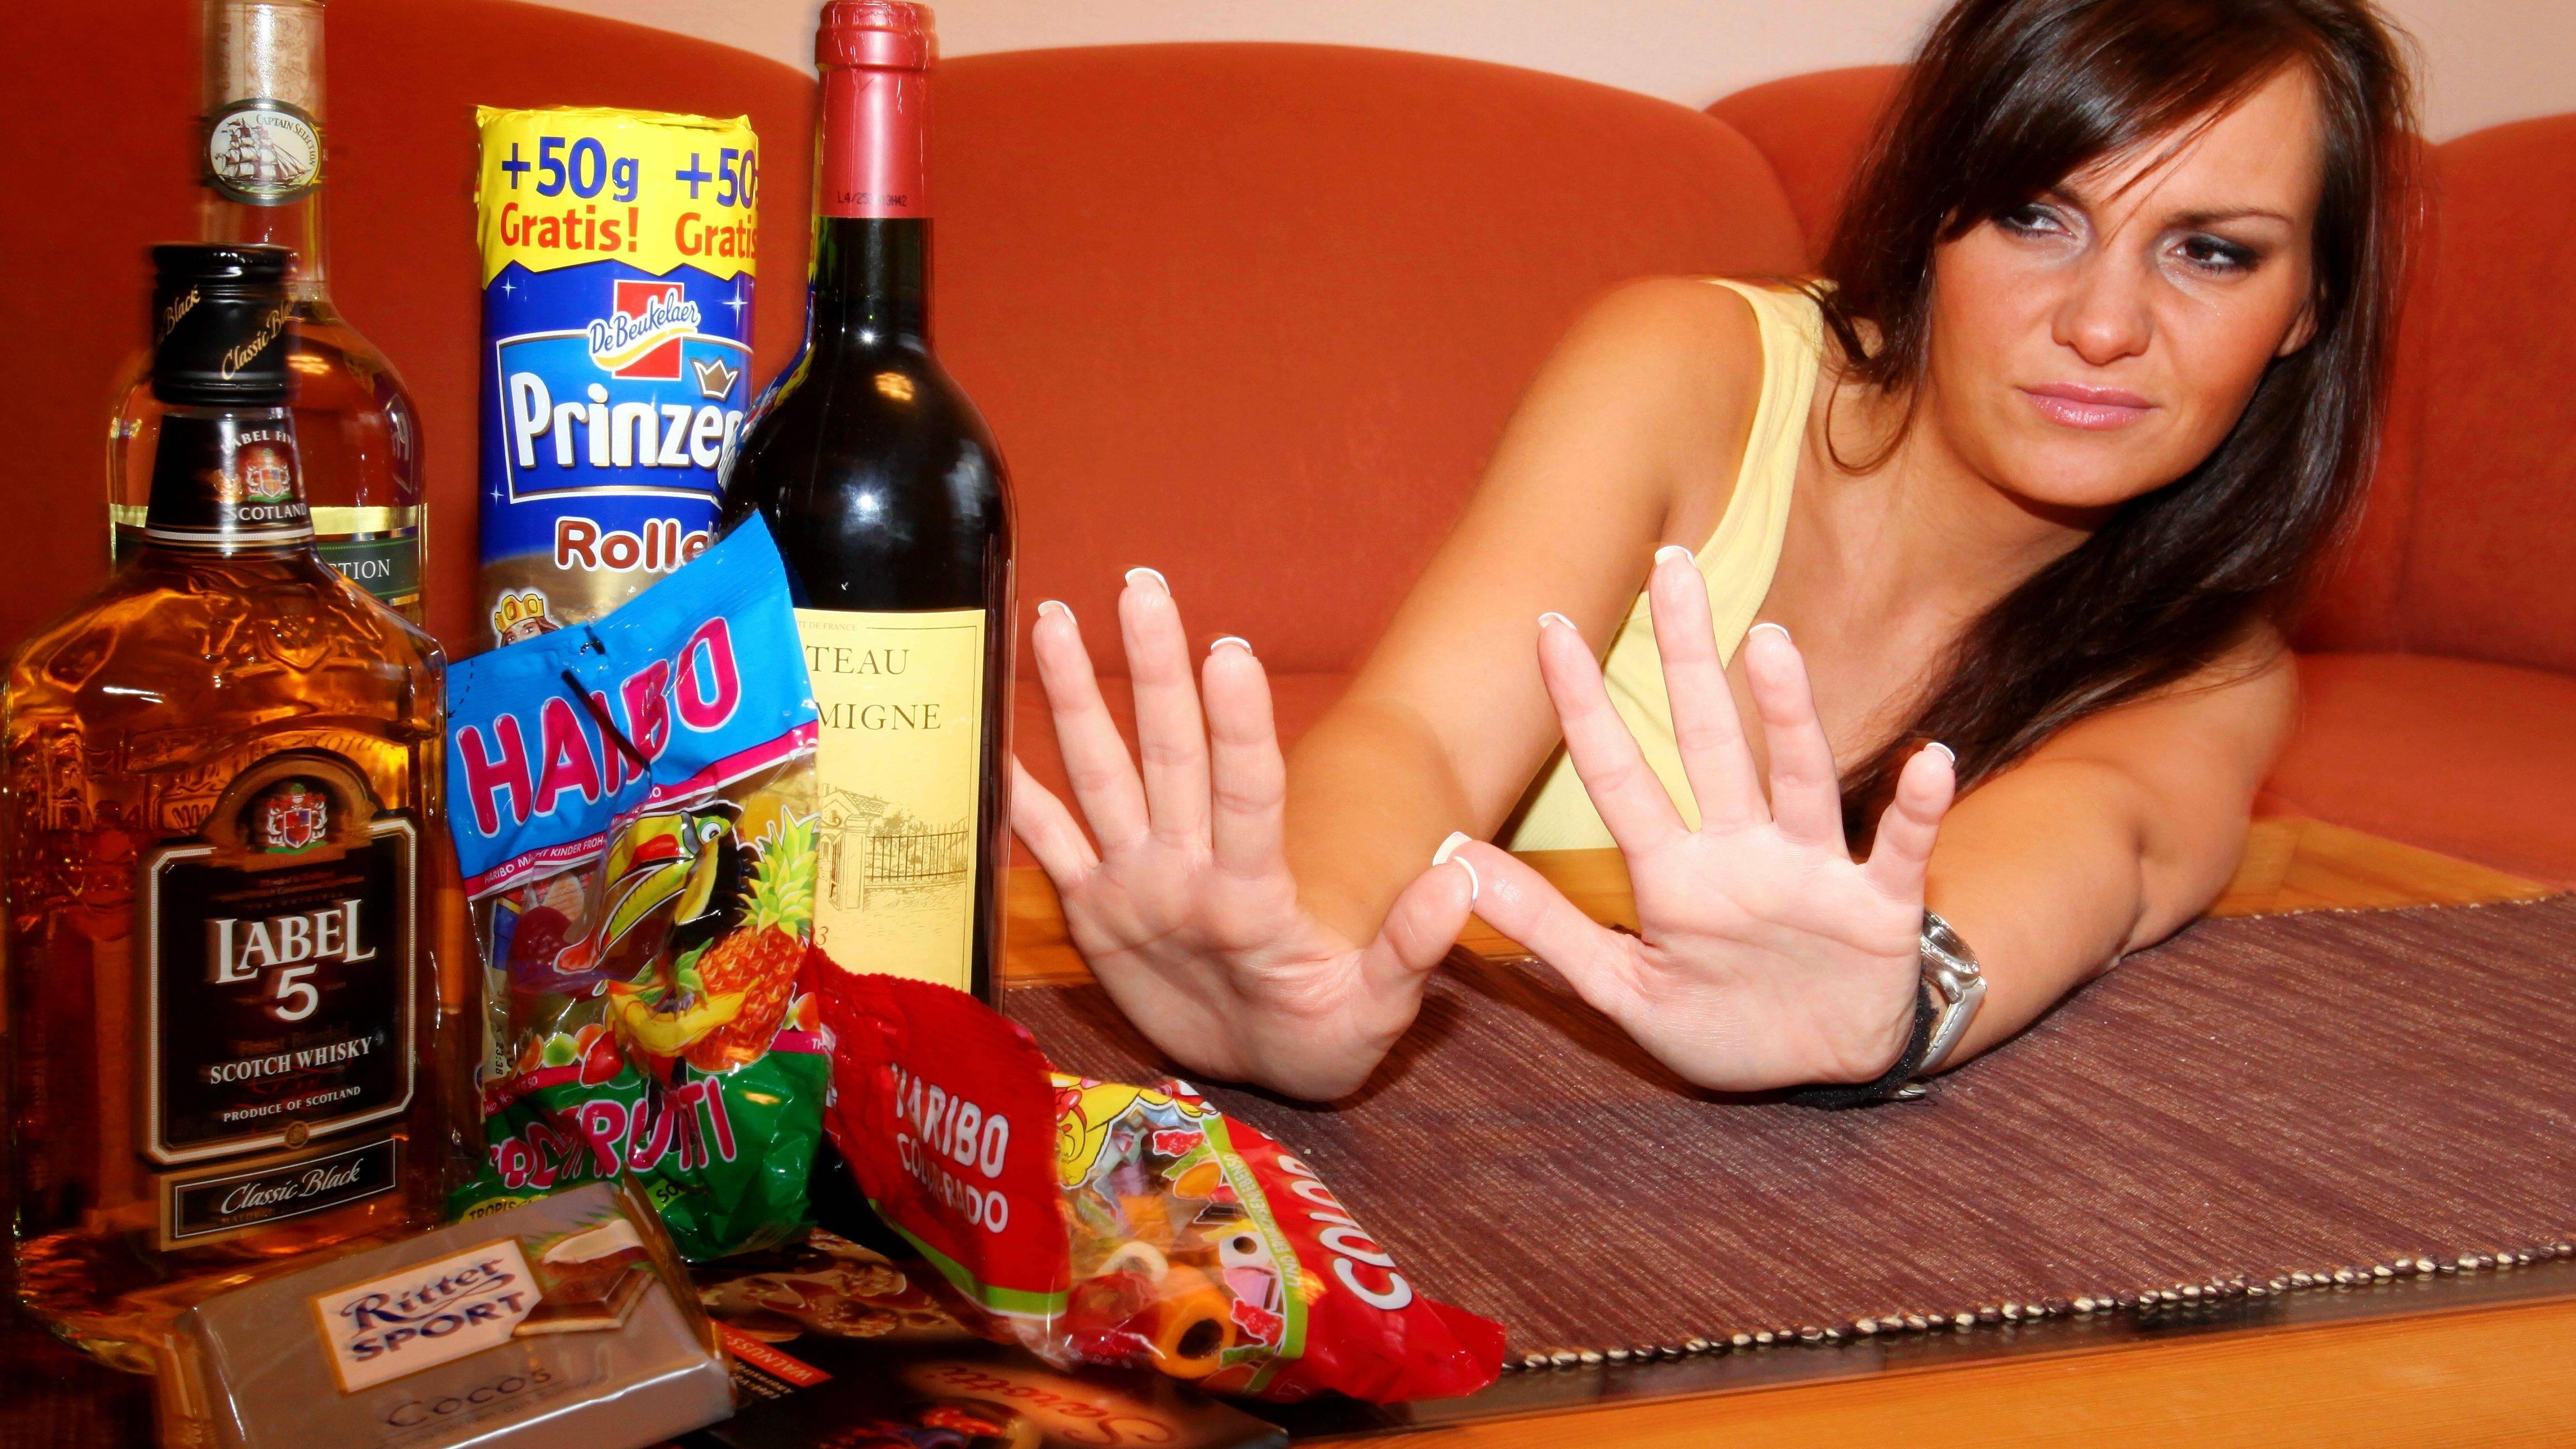 Alkohol während der Diät kann Ihre Erfolge schmälern.